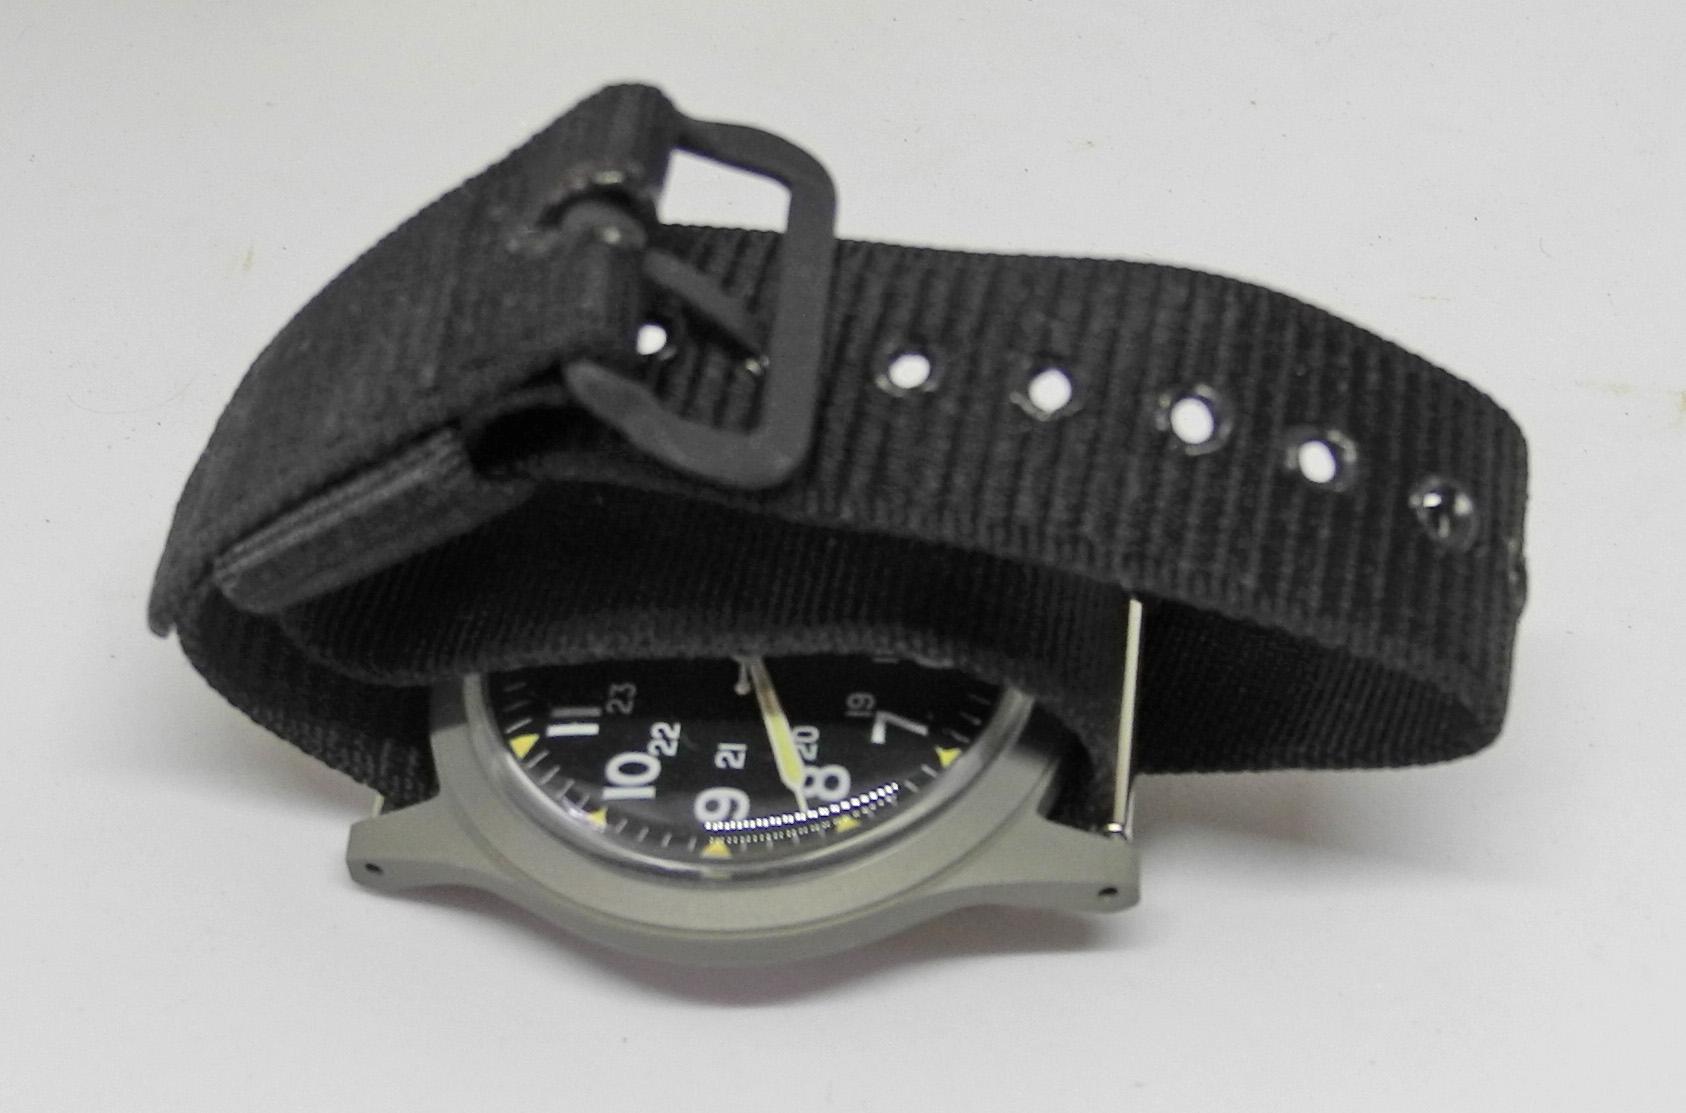 USAF wristwatch Vietnam era boxed